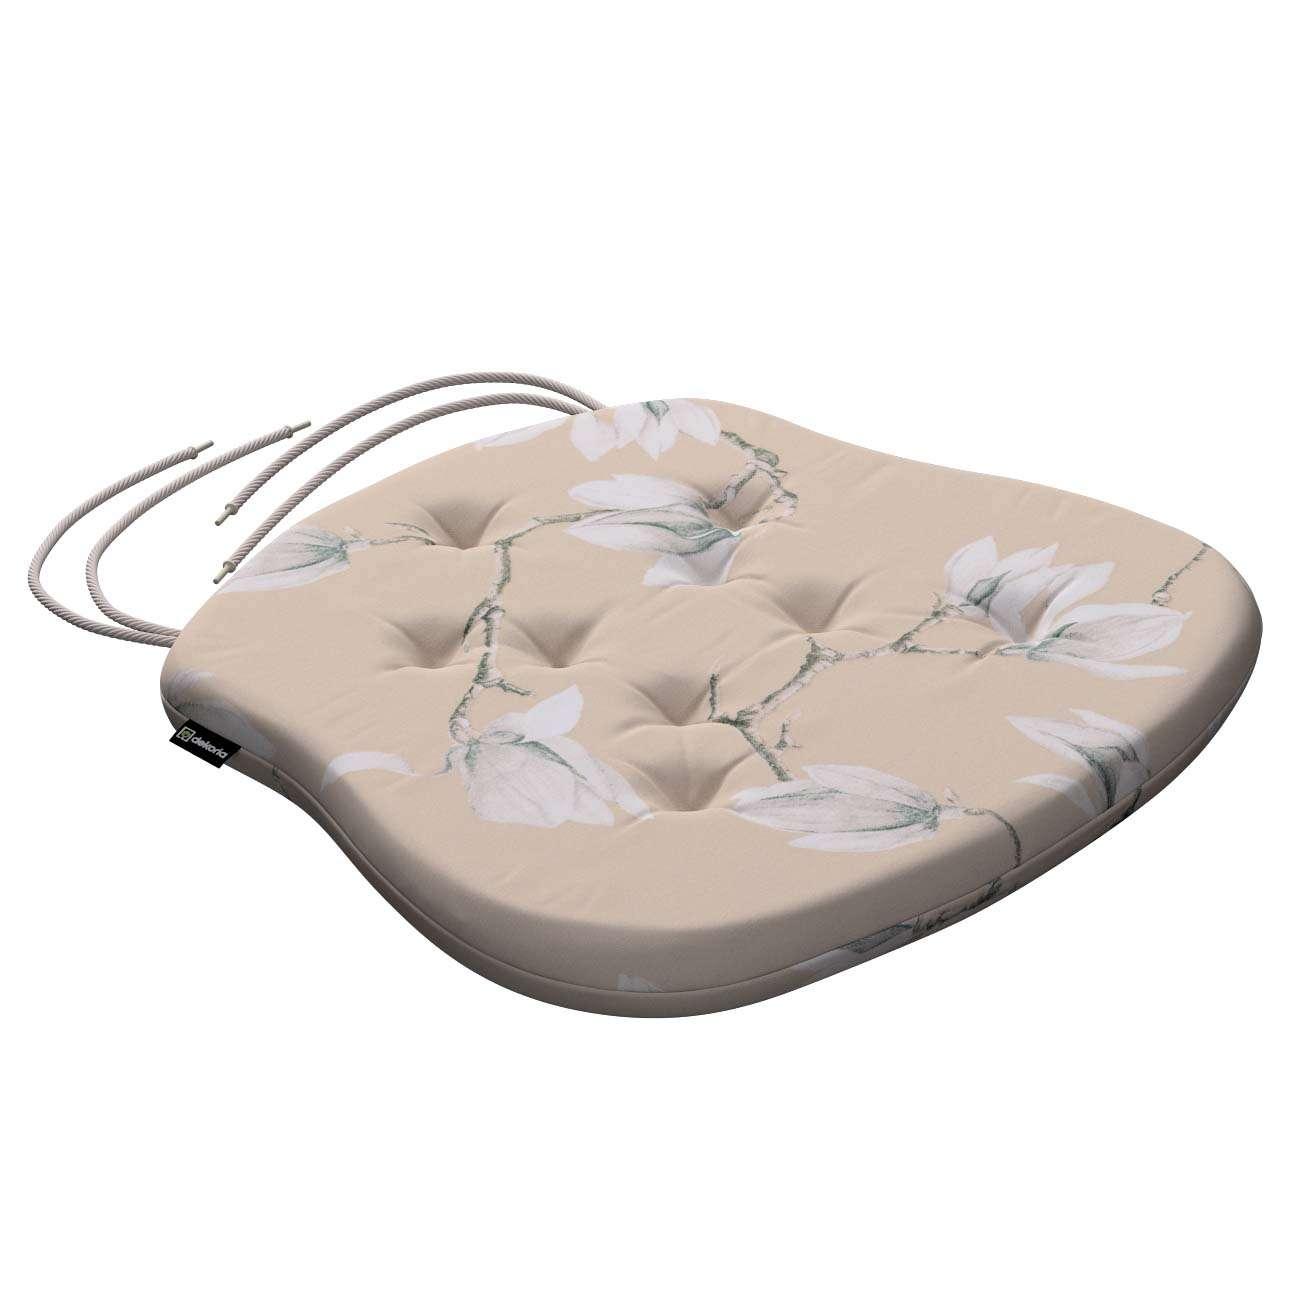 Siedzisko Filip na krzesło 41x38x3,5 cm w kolekcji Flowers, tkanina: 311-12